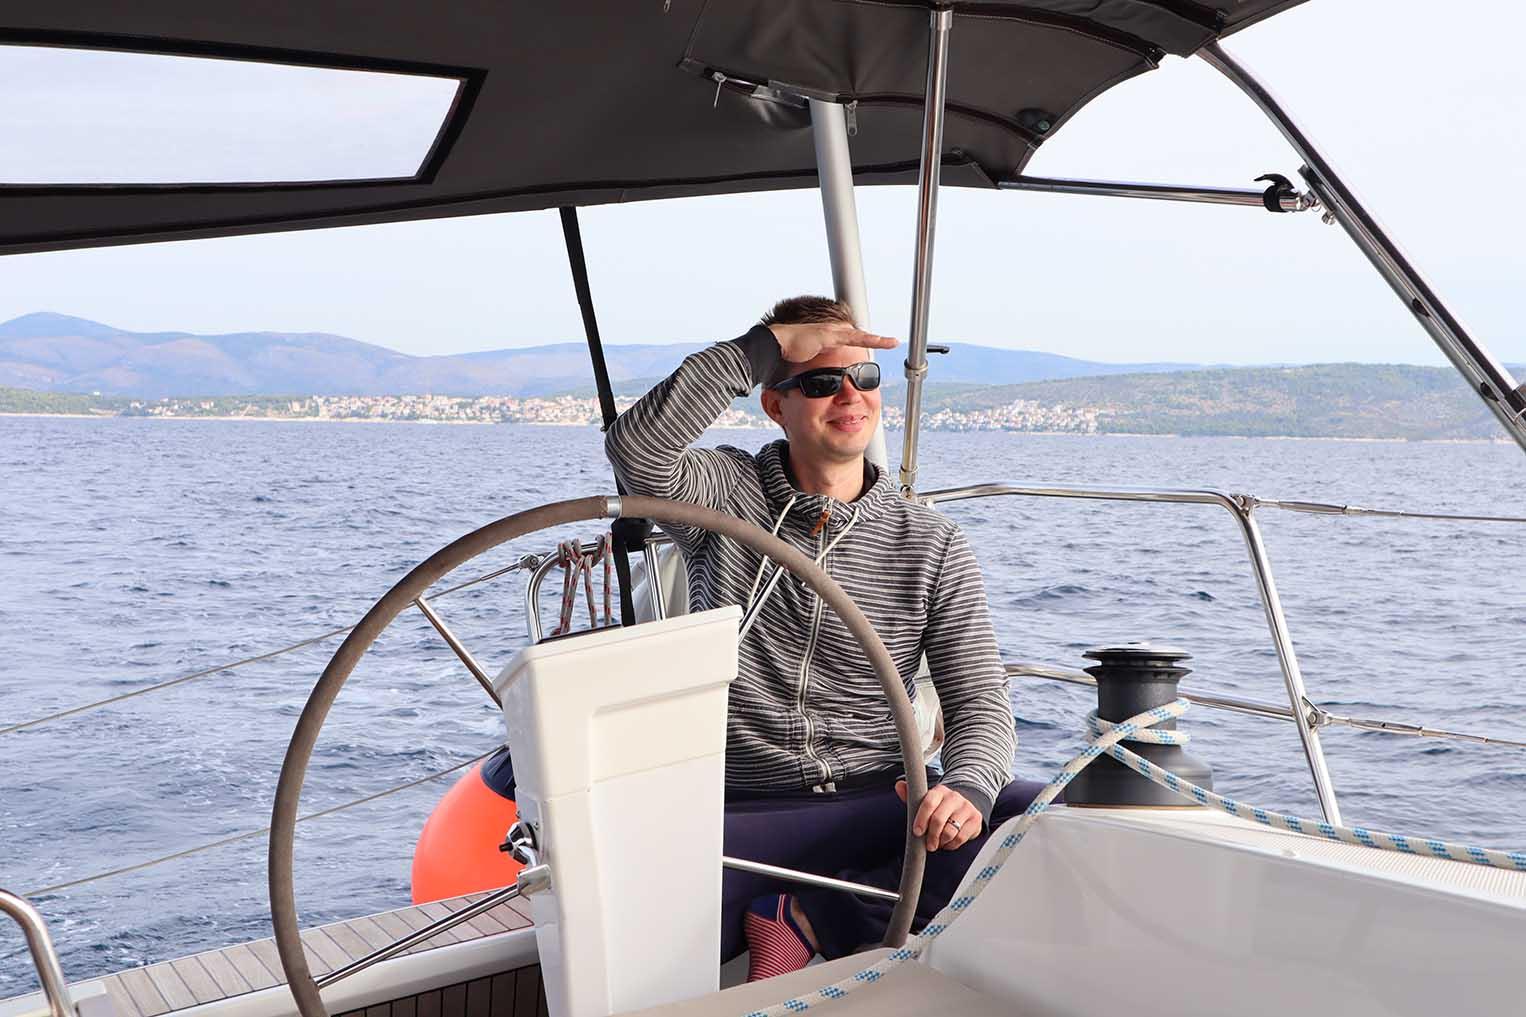 sailing yacht one way - purjevene yhteen suuntaan